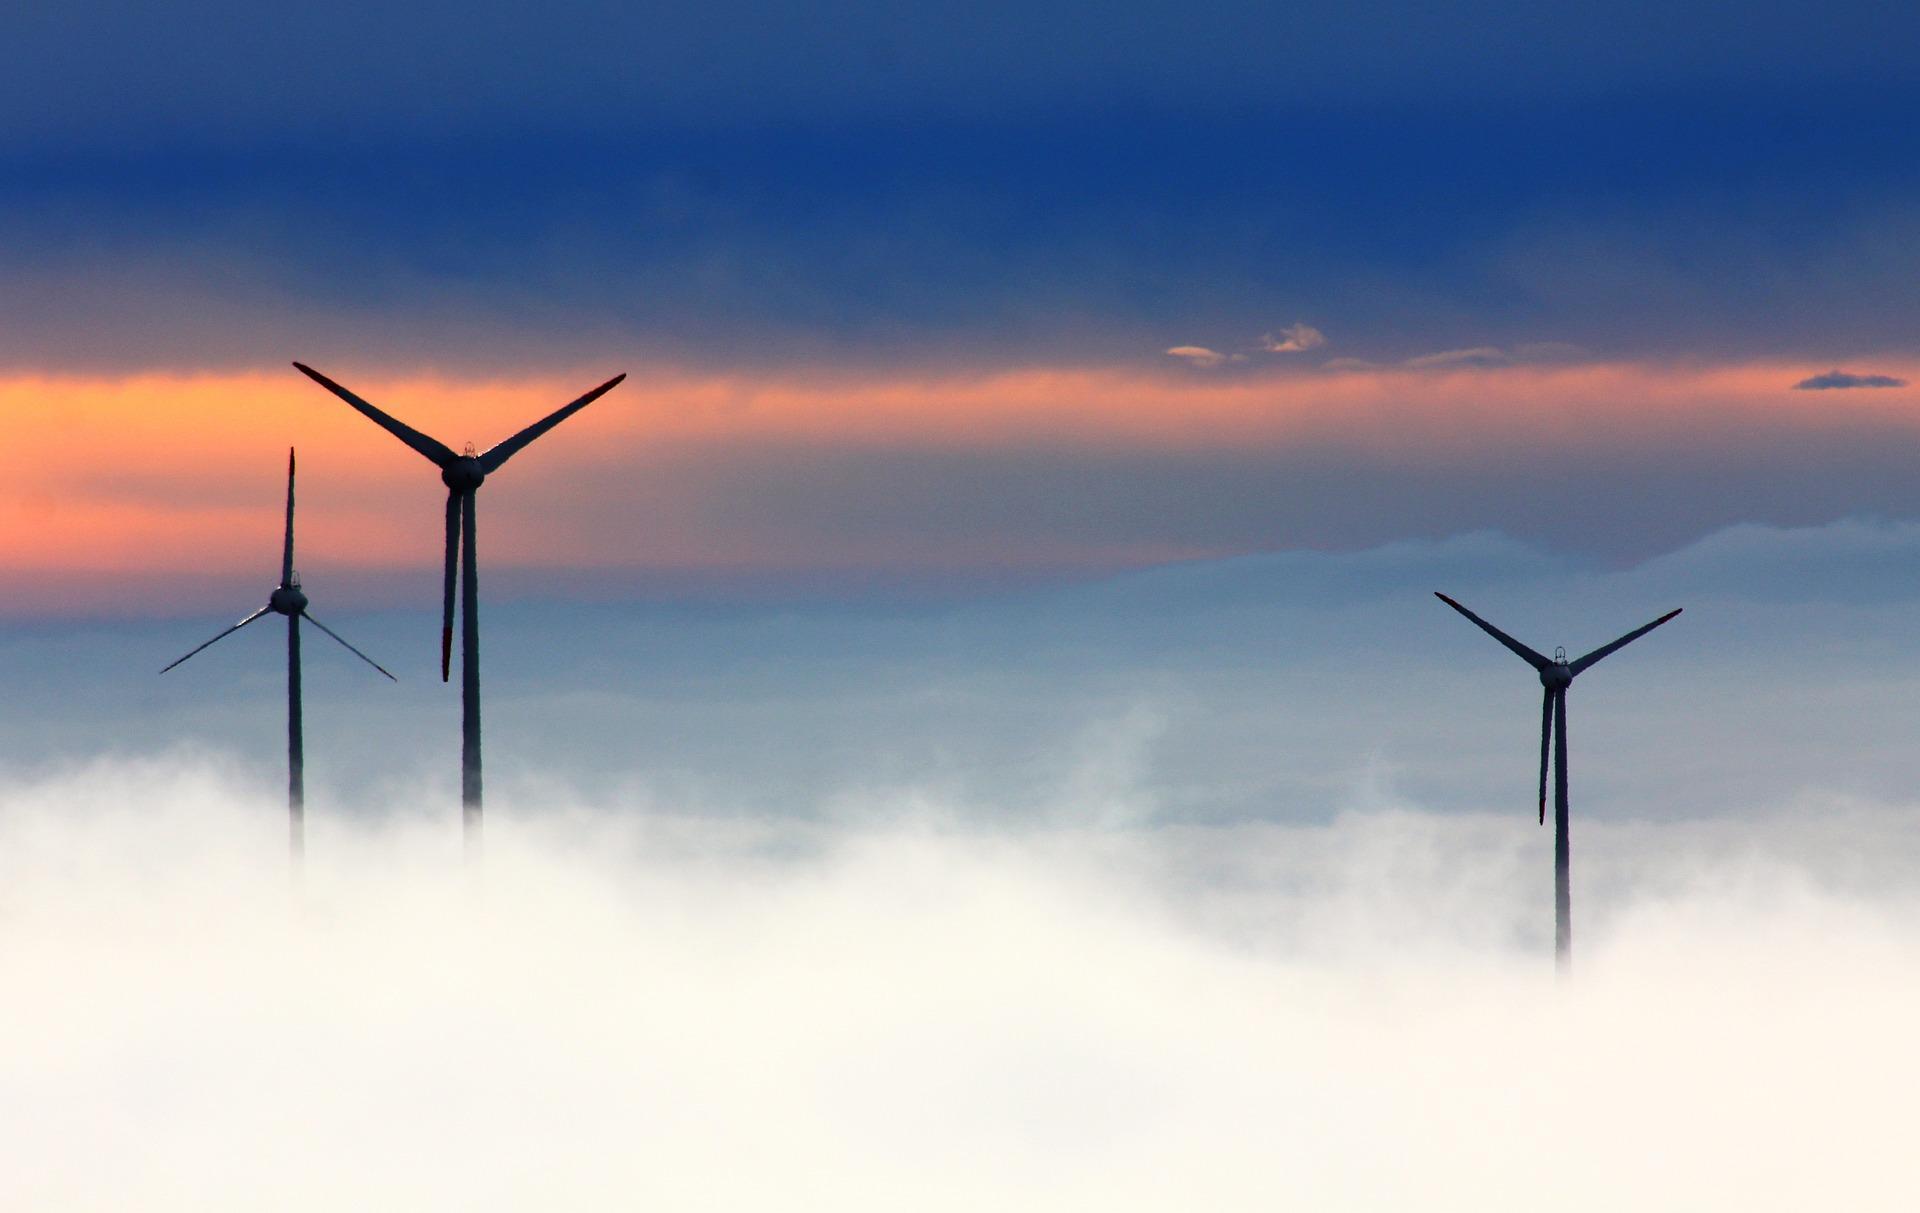 Rekordanteil beim Stromverbrauch der erneuerbaren Energien